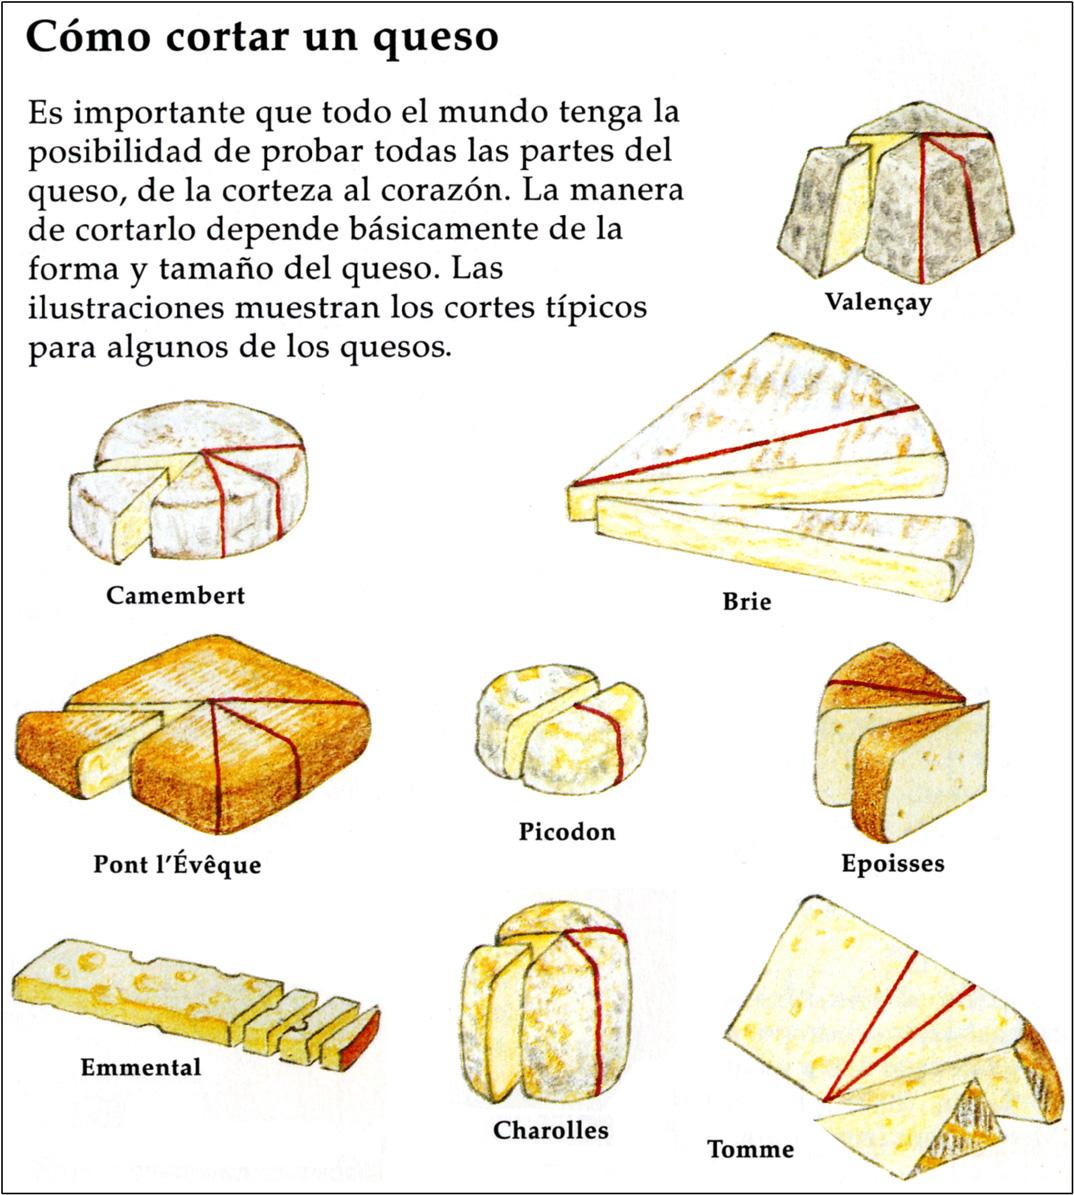 Todo sobre quesos mundoquesos cortar queso - Cuchillo cortar queso ...